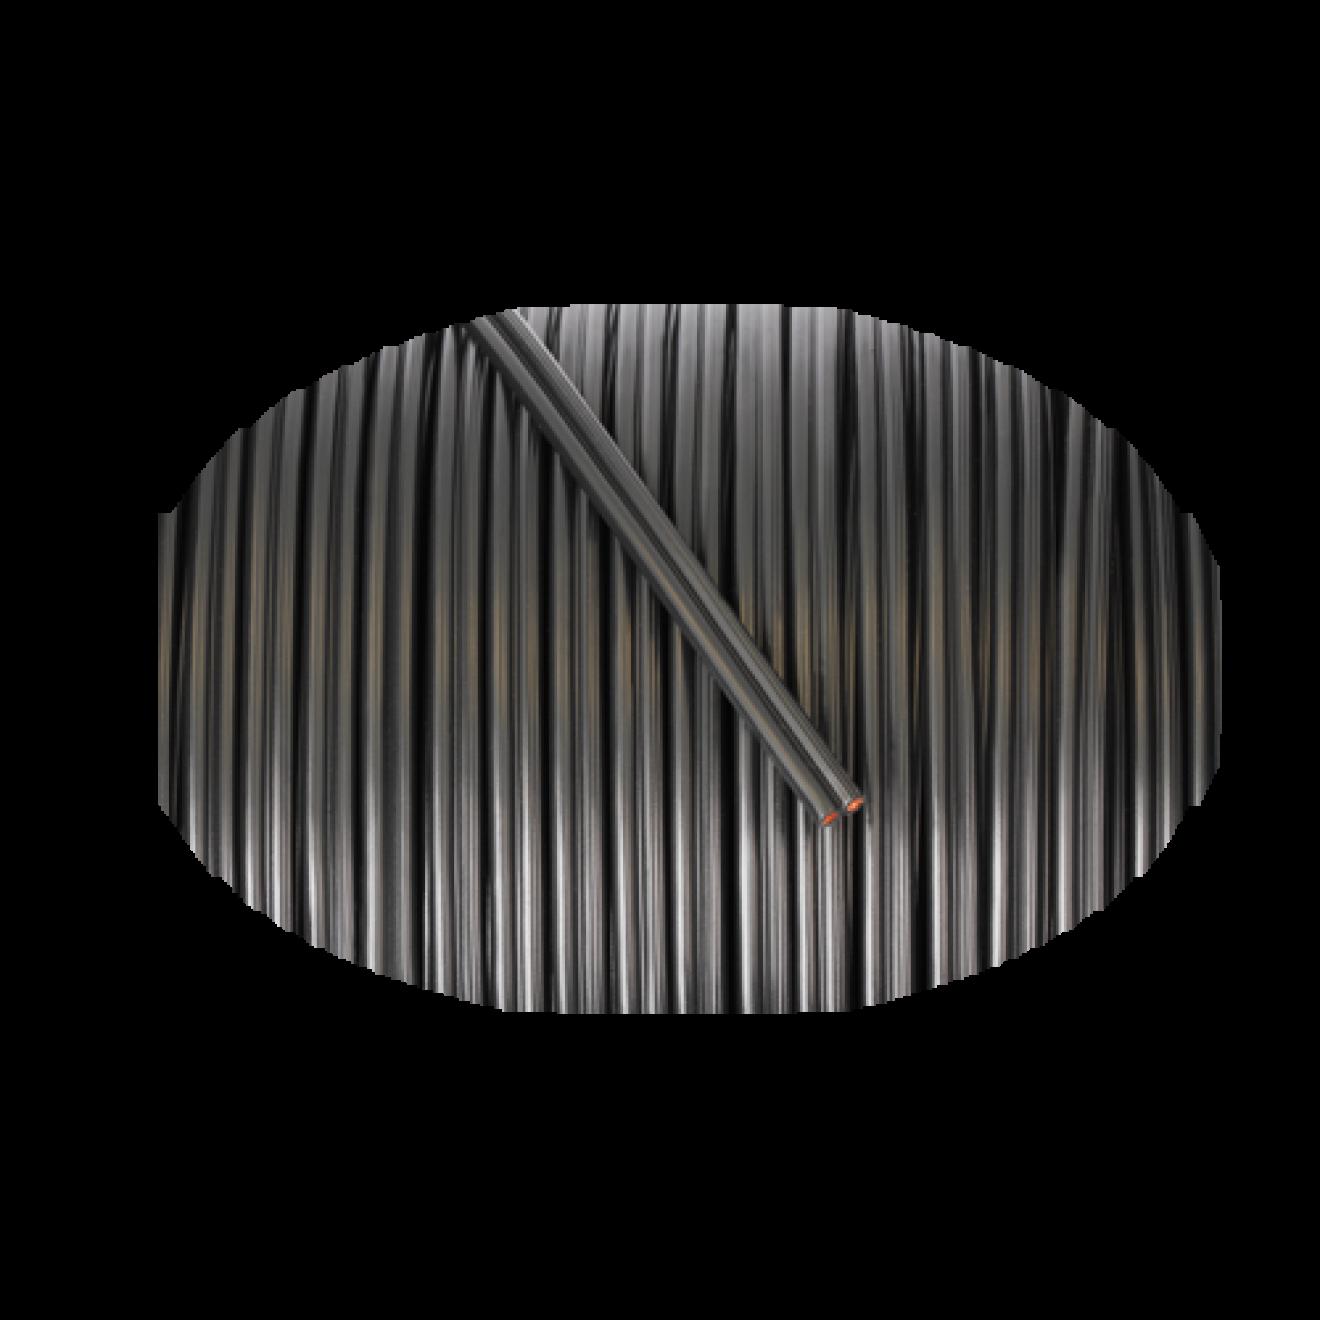 goldkabel speaker flex schwarz highend hifi kabel und zubeh r versand shop. Black Bedroom Furniture Sets. Home Design Ideas